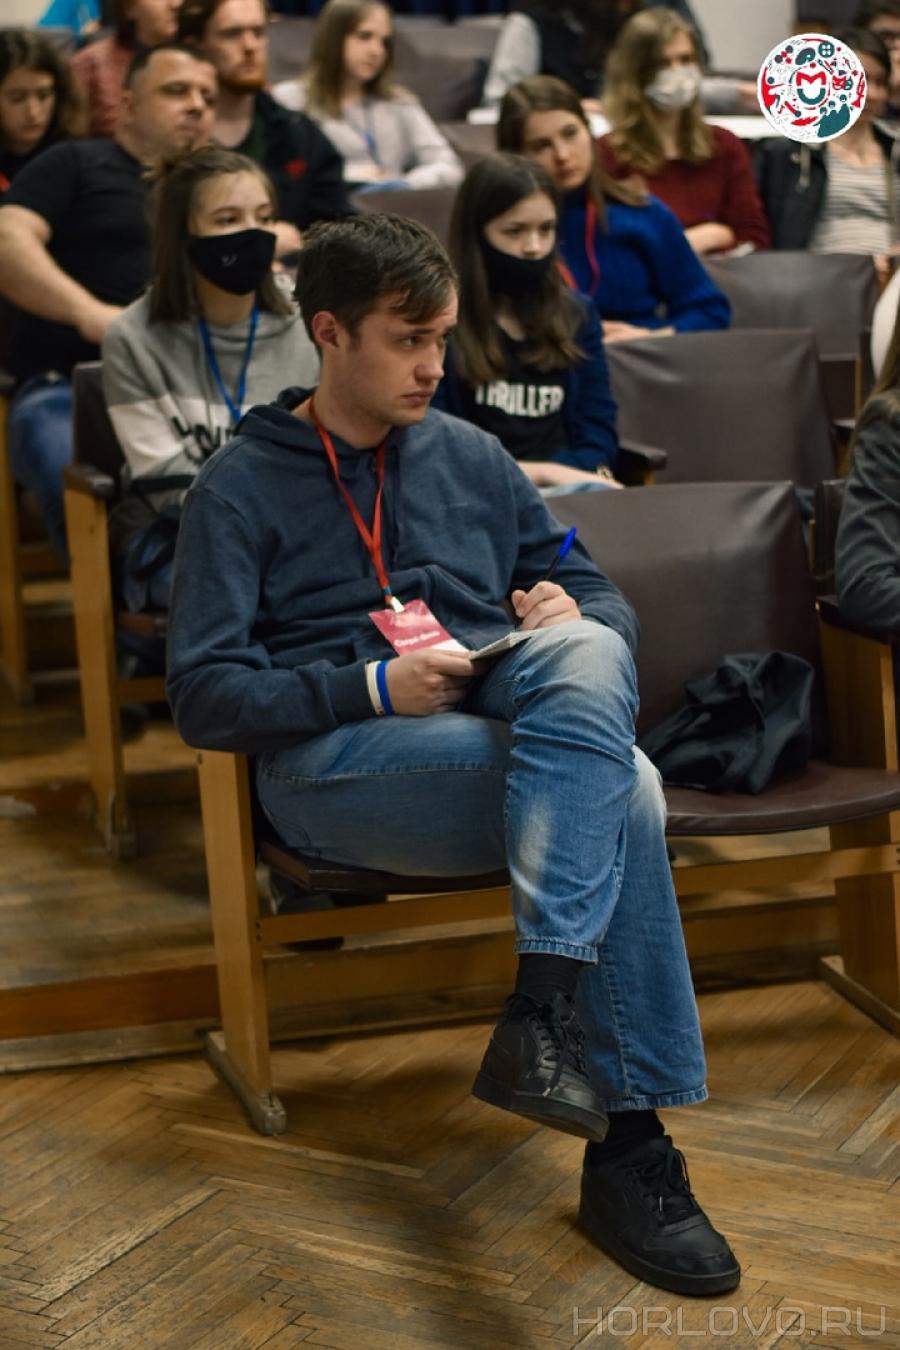 Воскресенский поэт – лауреат студенческого литературного фестиваля «Carpe diem»